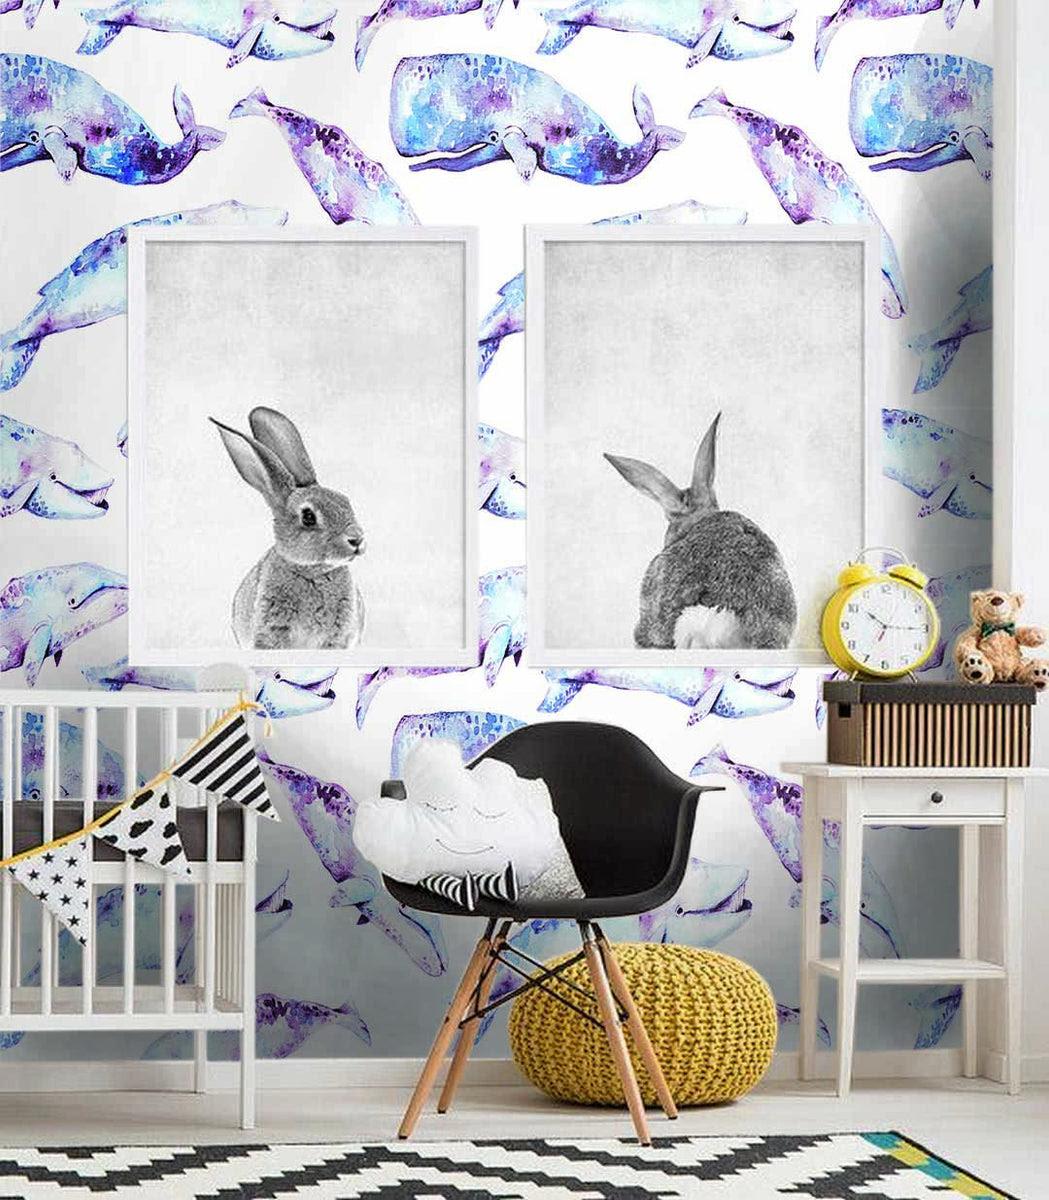 Whales Wallpaper Children Wallpaper Bedroom Wallpaper